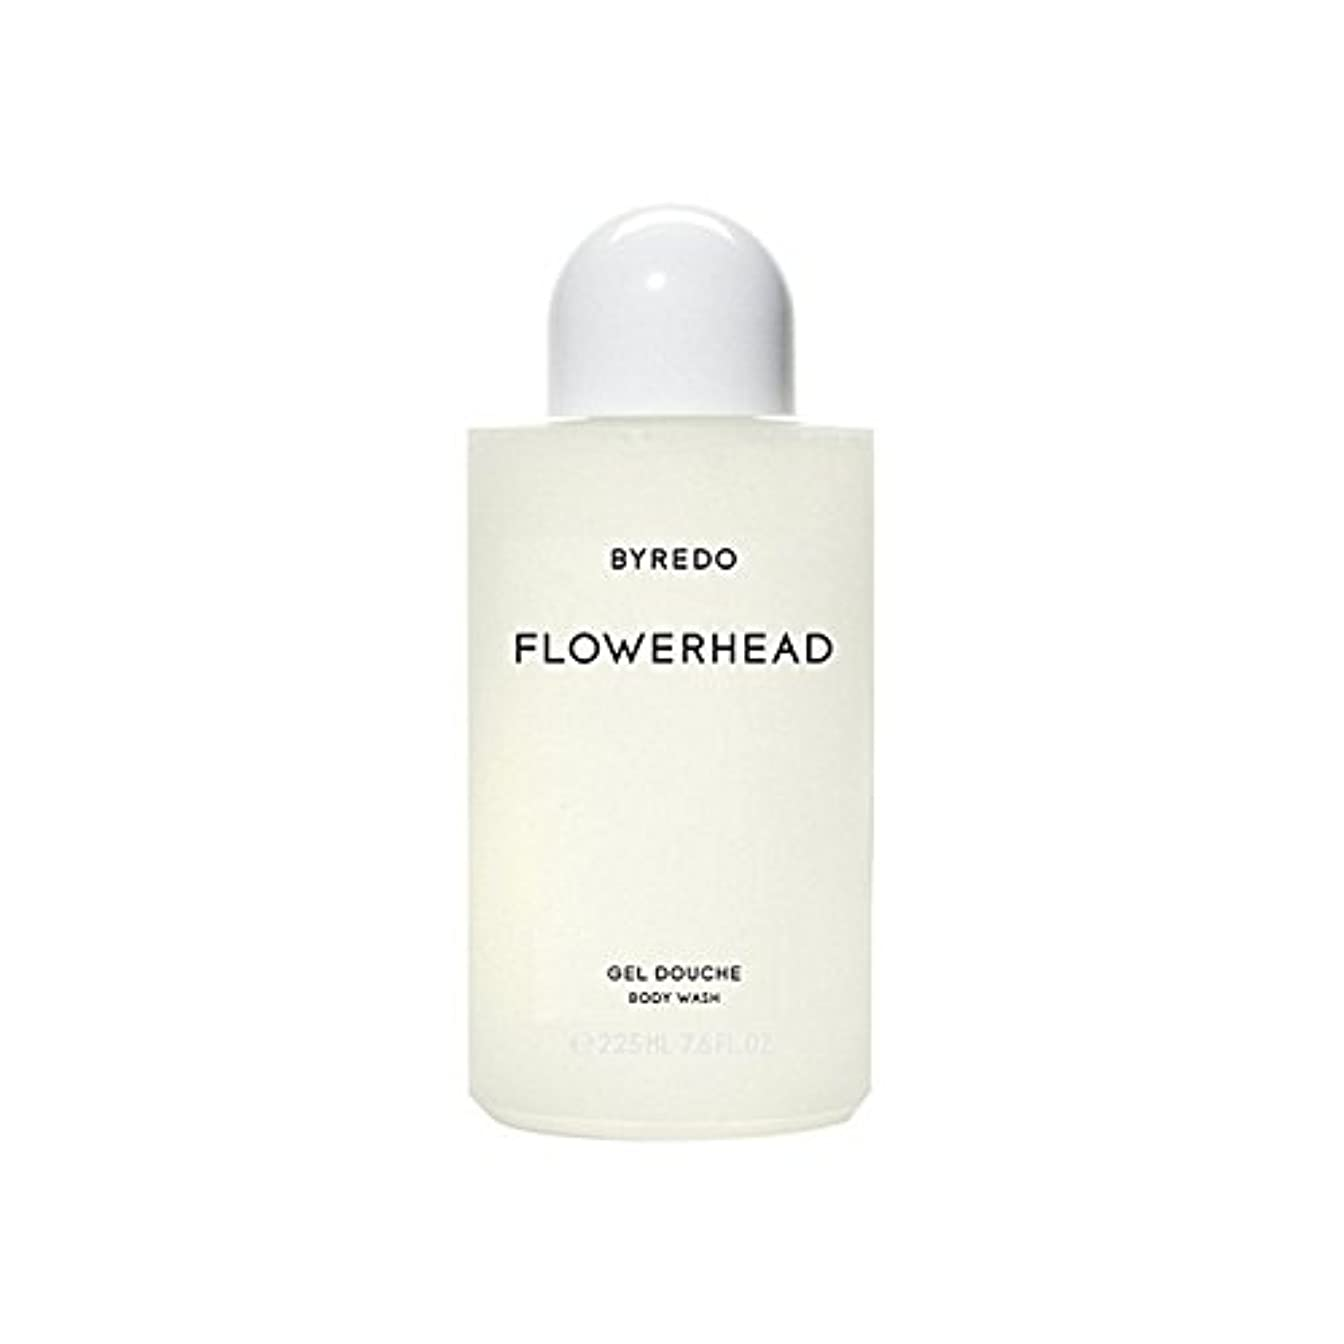 オーナー博物館持っているByredo Flowerhead Body Wash 225ml - ボディウォッシュ225ミリリットル [並行輸入品]